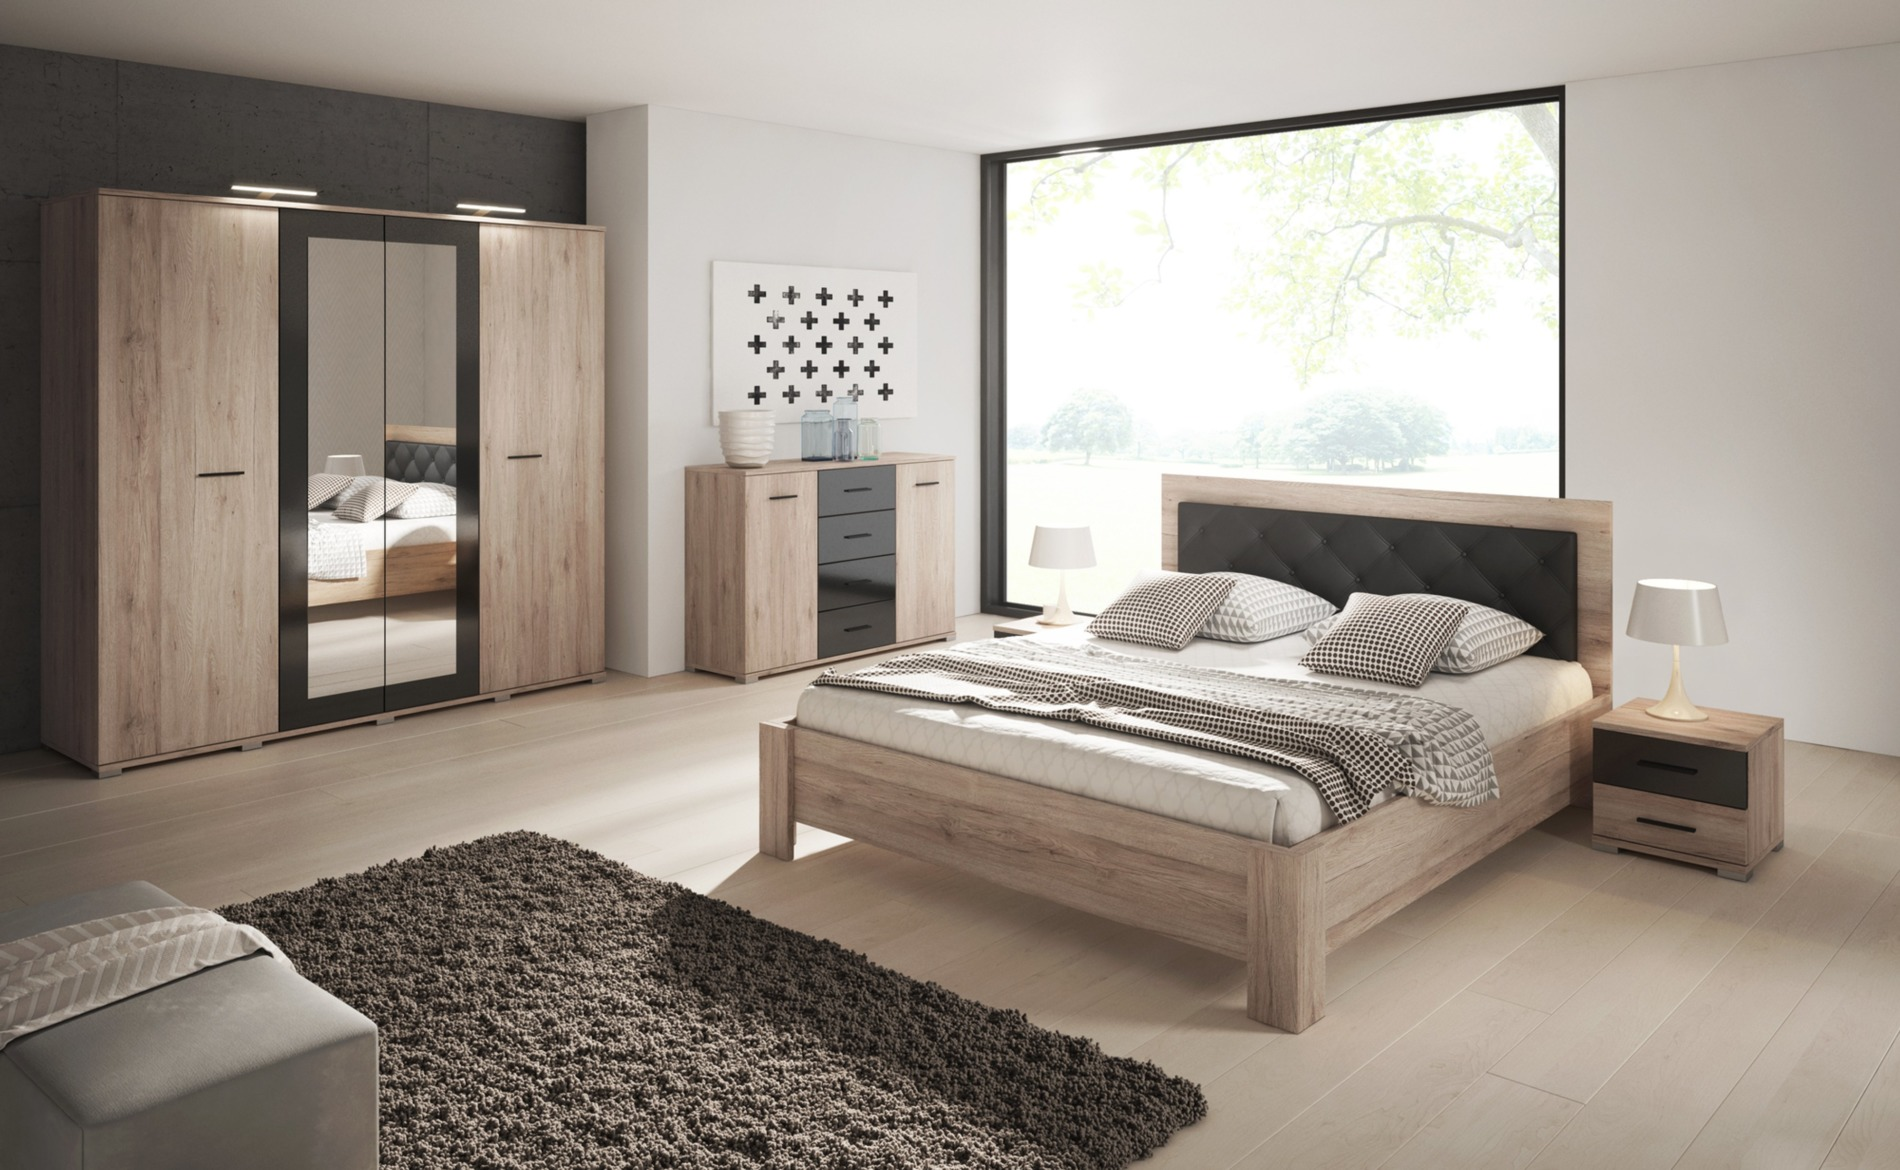 Full Size of Schlafzimmerschränke Kleiderschrank Schlafzimmerschrank Bari Spiegel Schwarz Hochglanz Wohnzimmer Schlafzimmerschränke